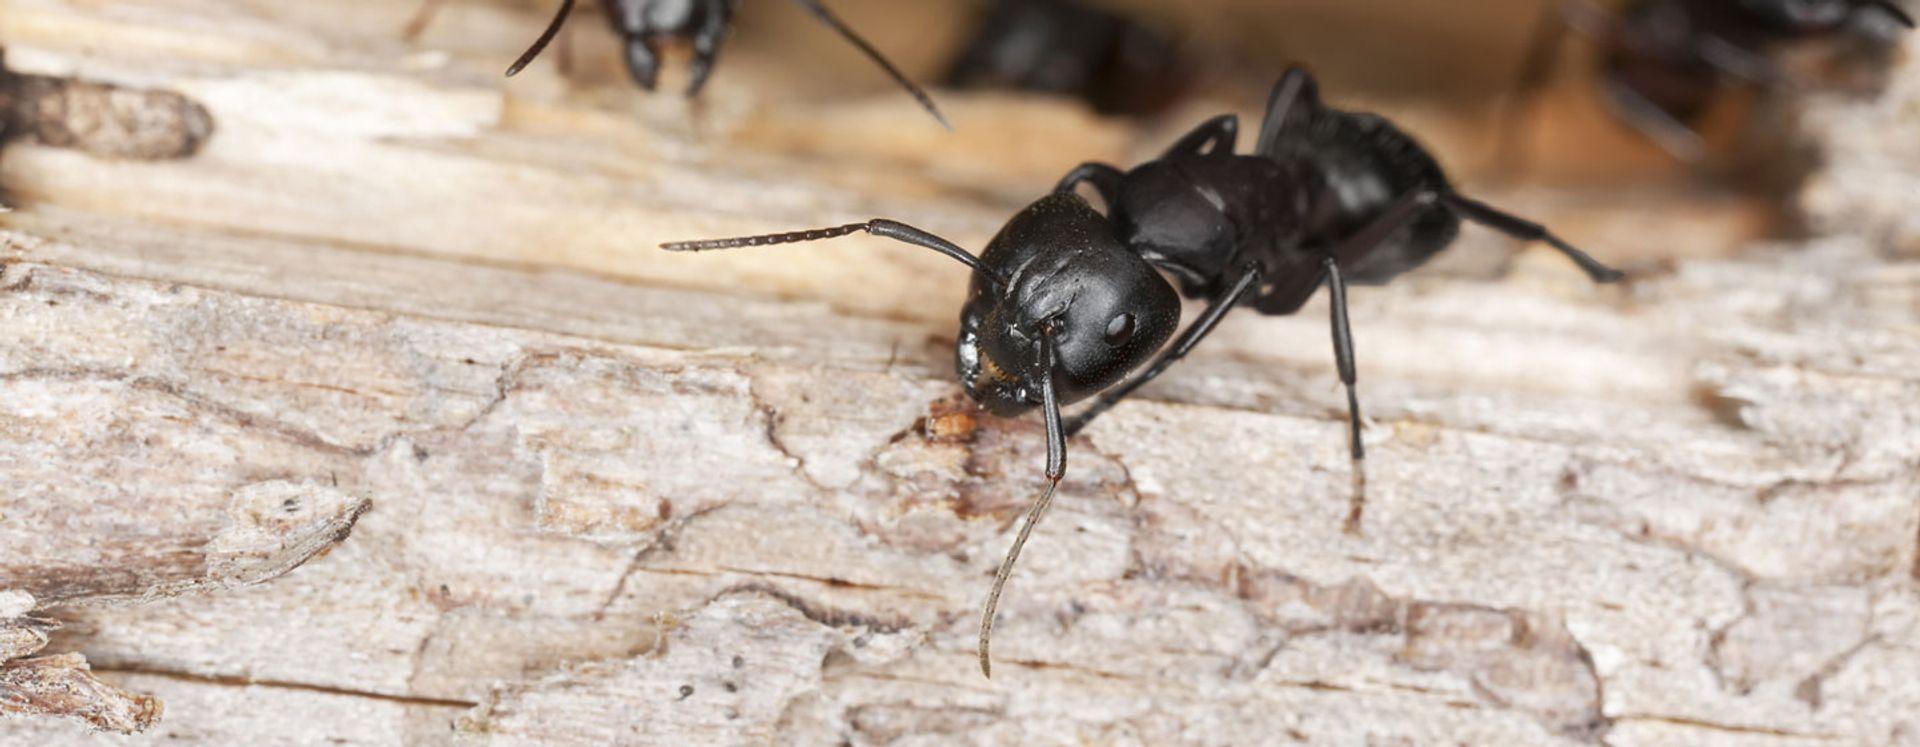 Hvad sker der med myrer om vinteren? Få svaret her - Anticimex